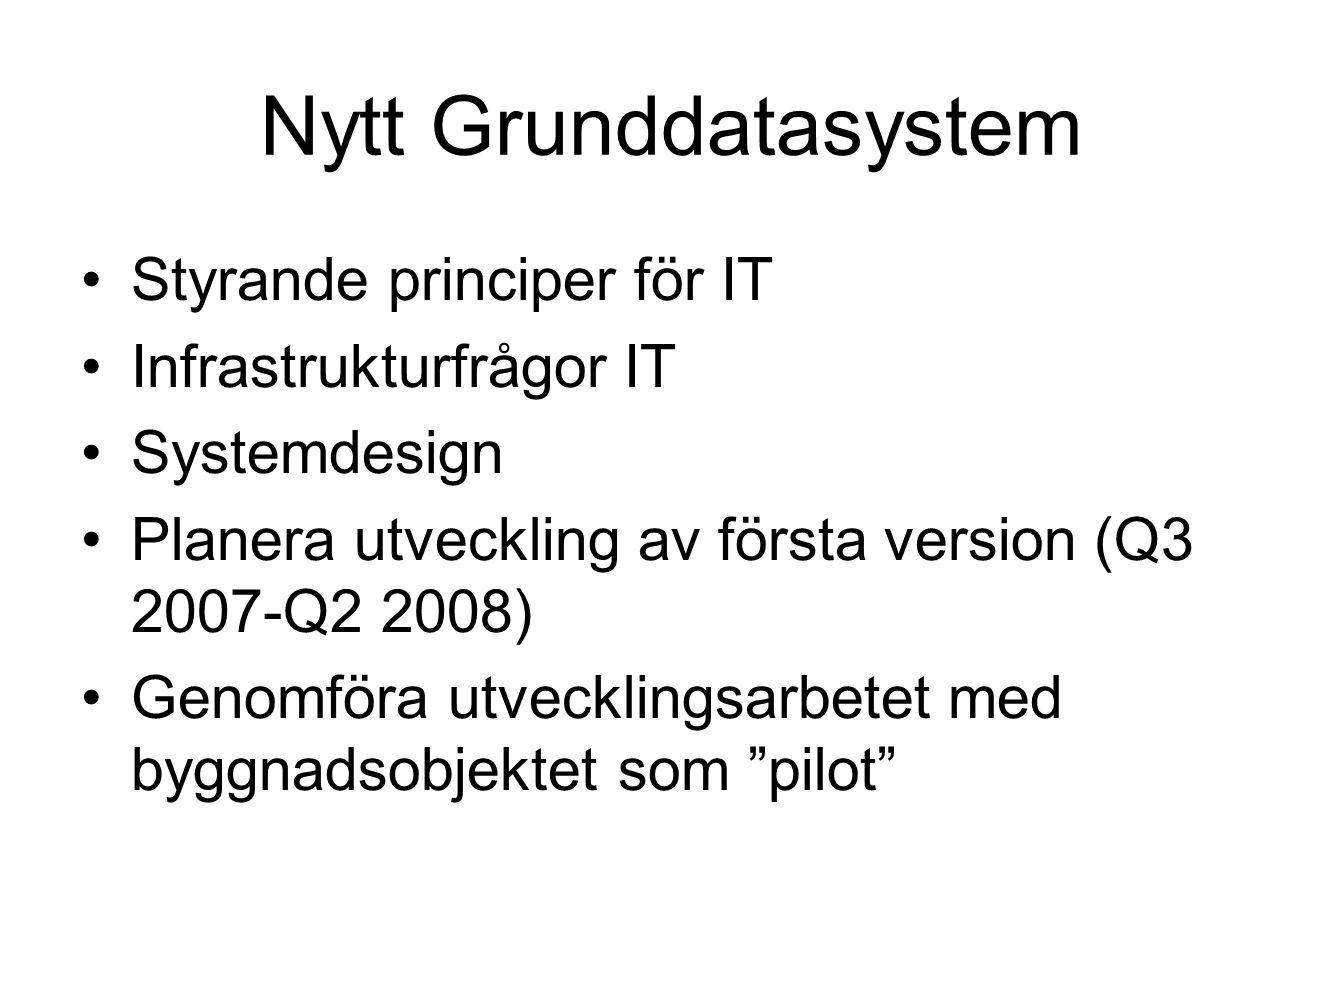 Nytt Grunddatasystem Styrande principer för IT Infrastrukturfrågor IT Systemdesign Planera utveckling av första version (Q3 2007-Q2 2008) Genomföra ut